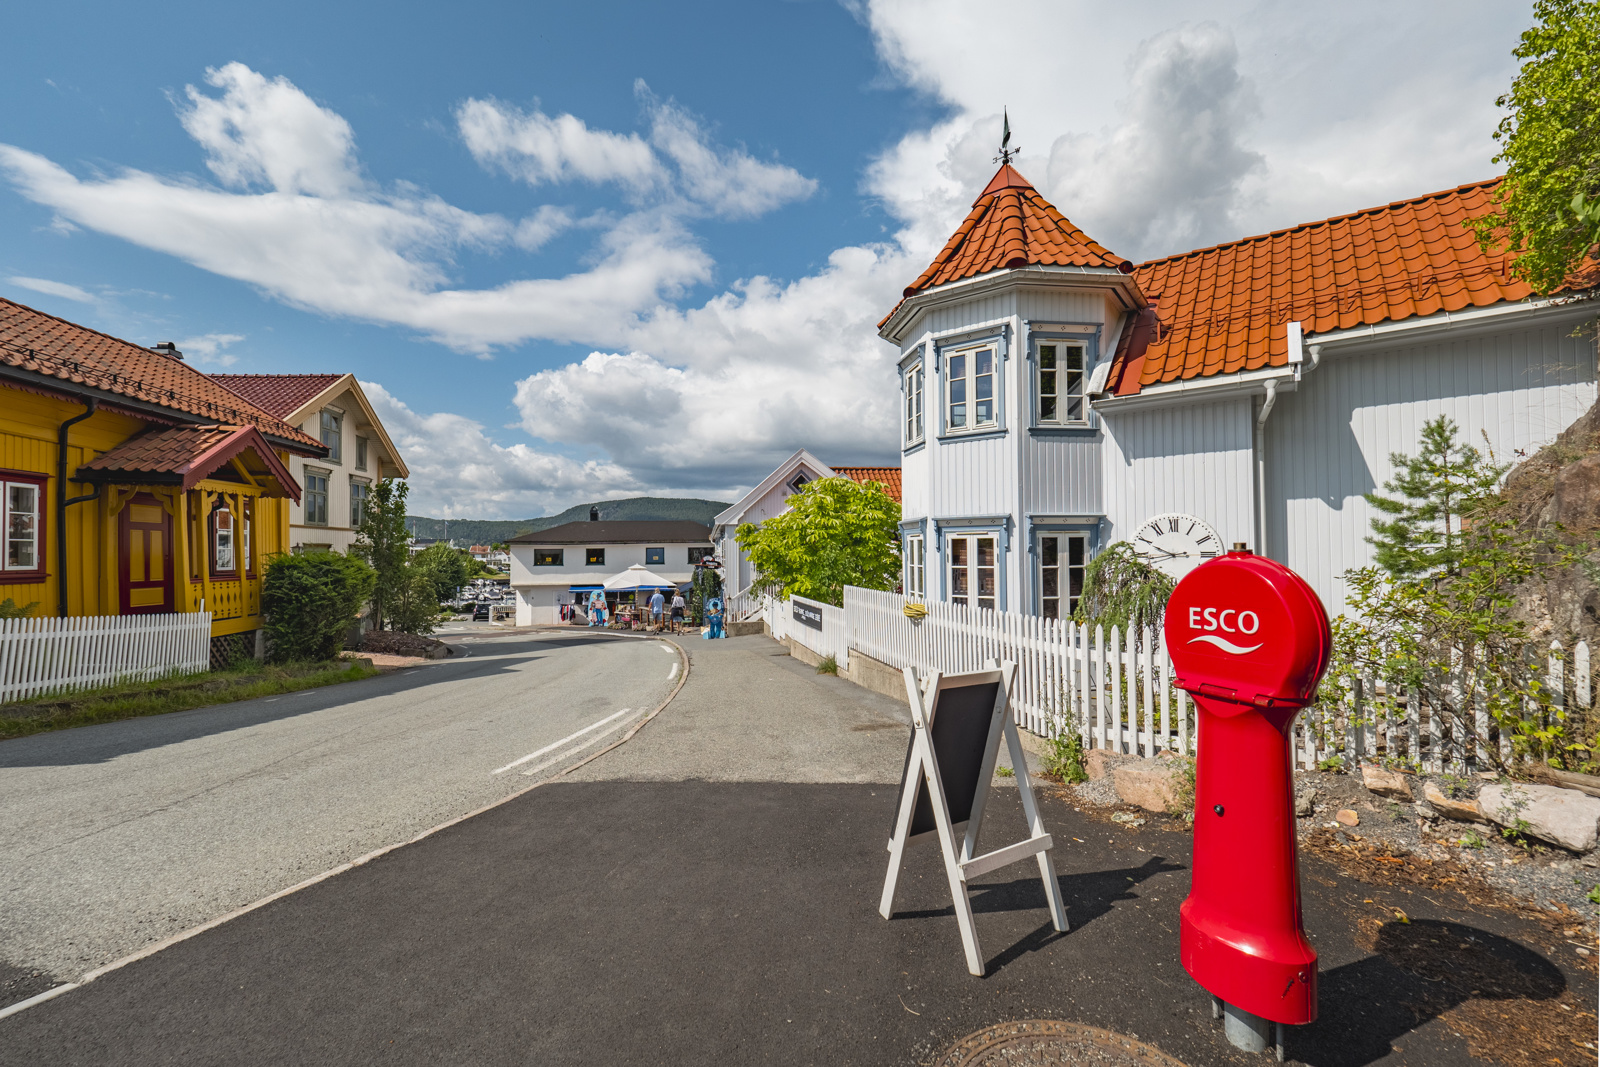 Holmsbu sentrum ligger en kort gåtur fra hytta og byr på flere restauranter, dagligvarebutikk og sommerbutikker